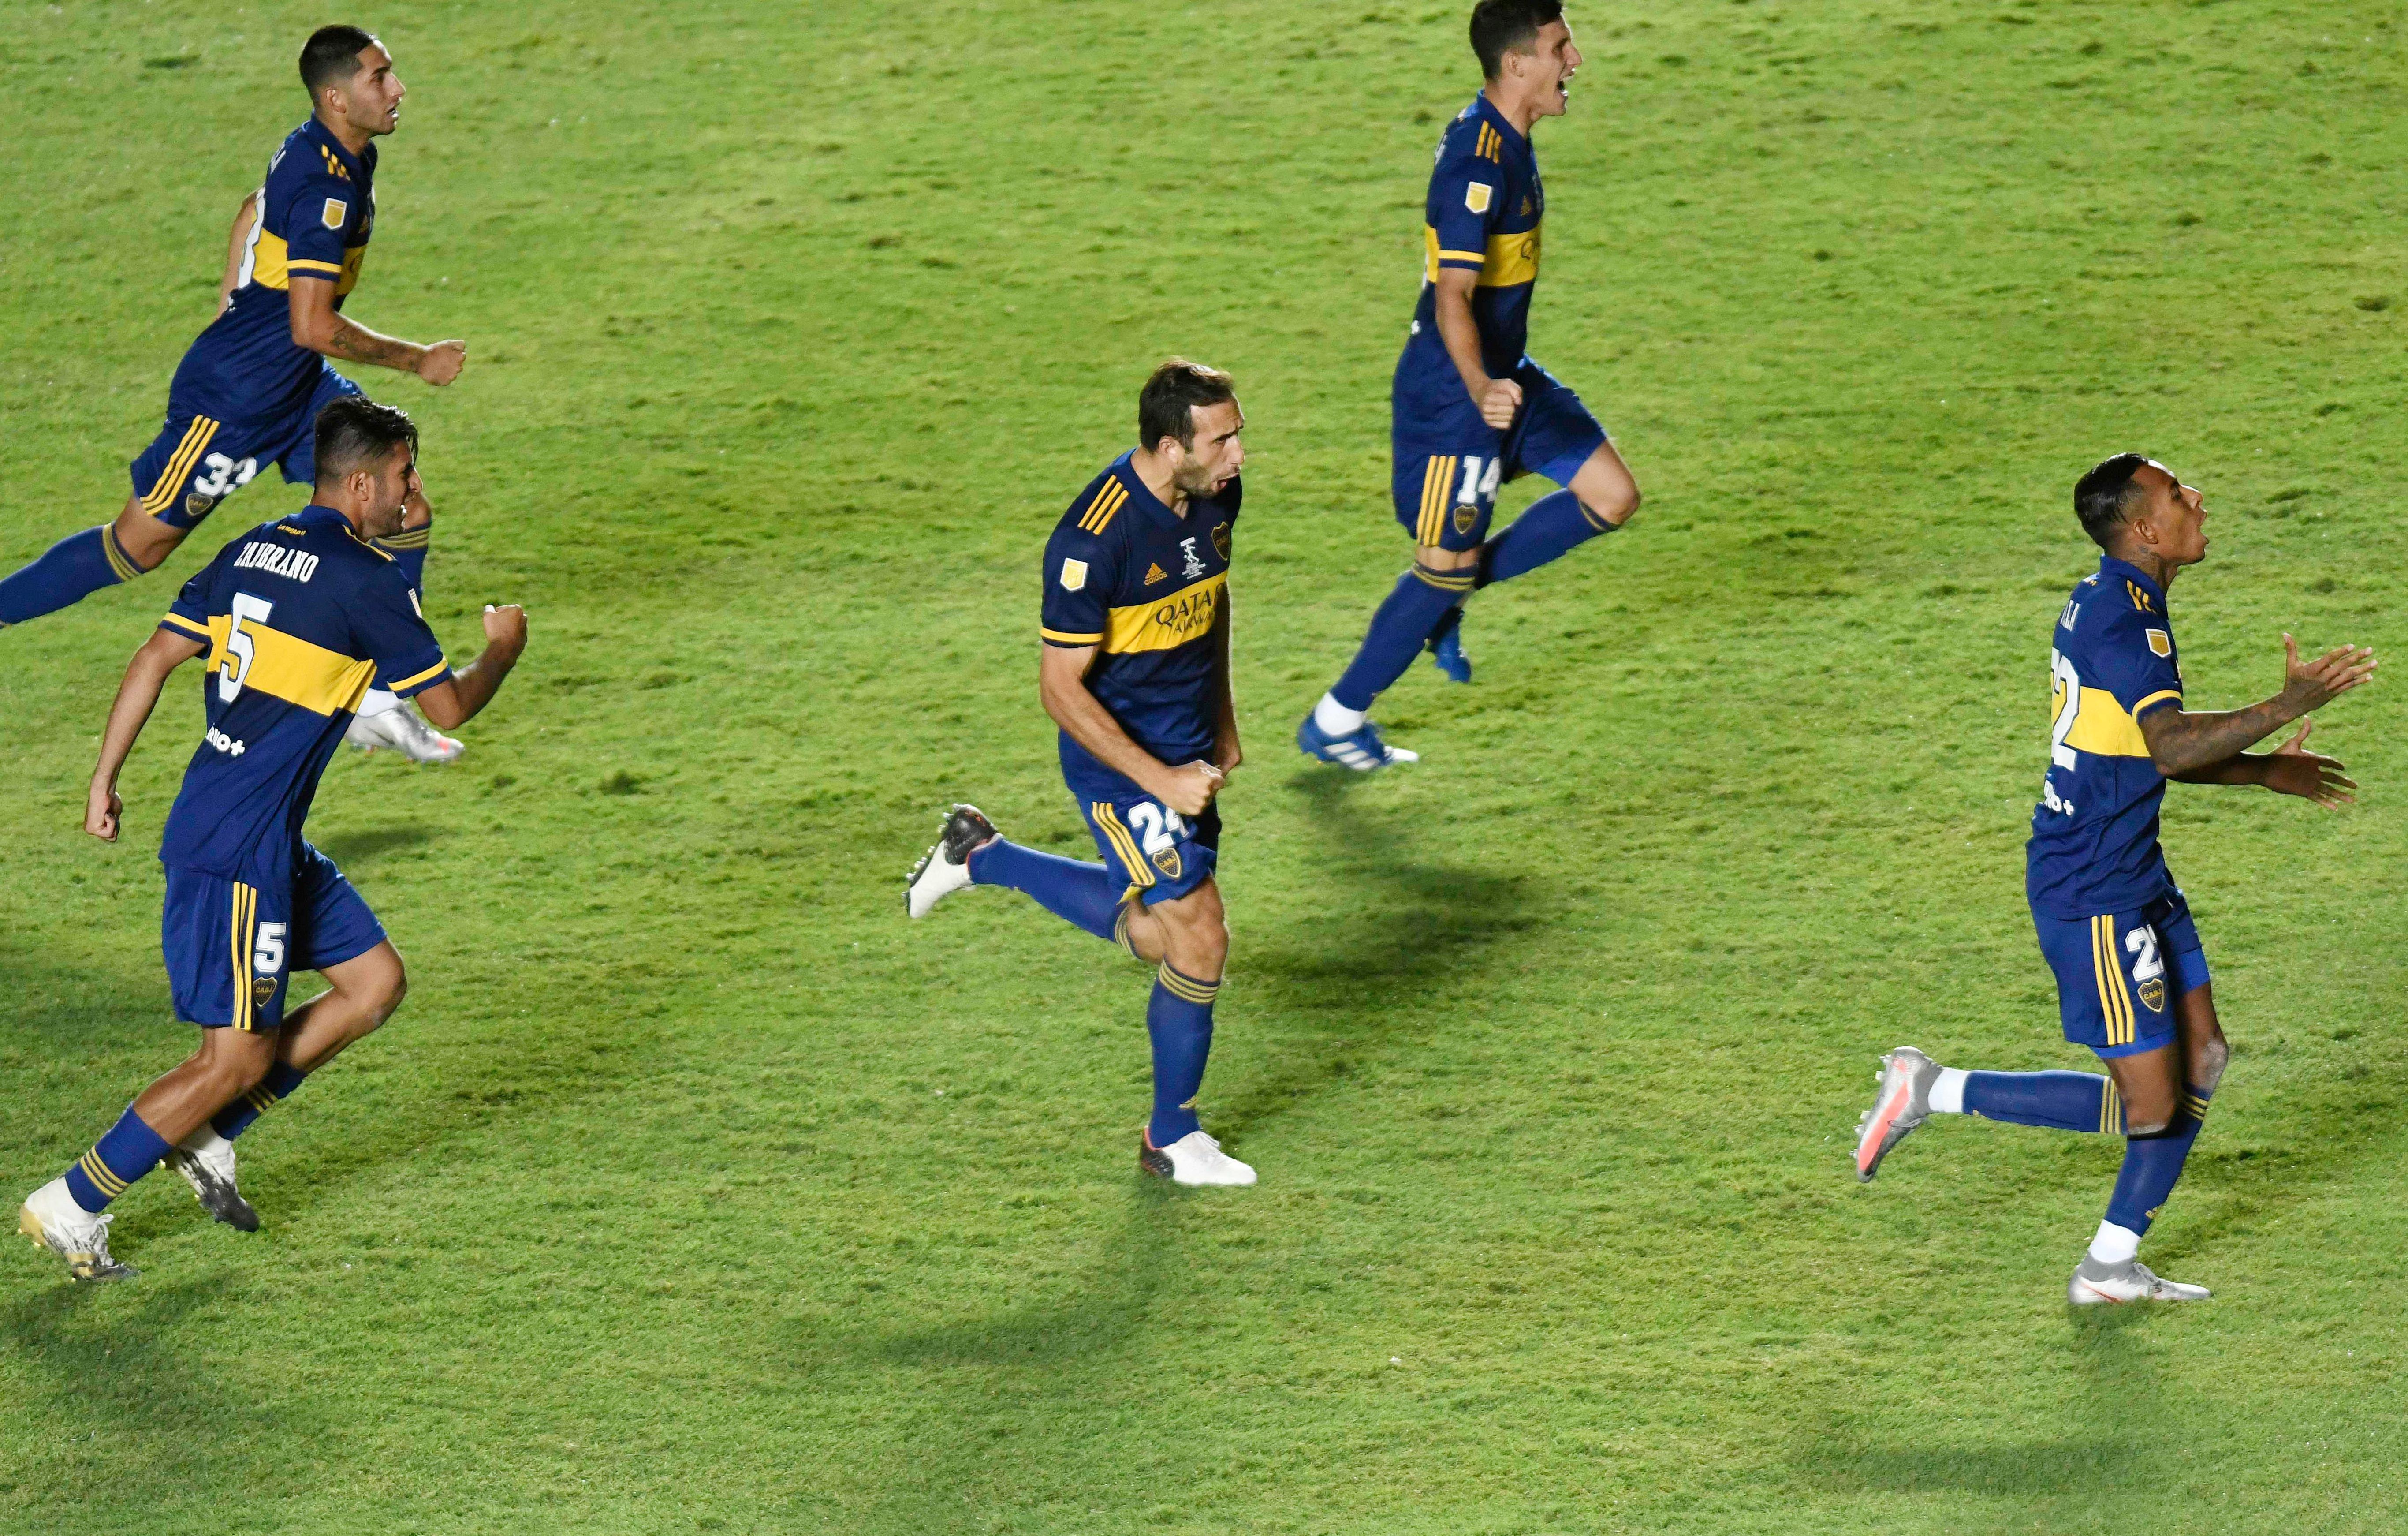 El momento en el que Boca se consagra campeón en los penales ante Banfield. La Copa Diego Maradona va rumbo a las vitrinas del Xeneize